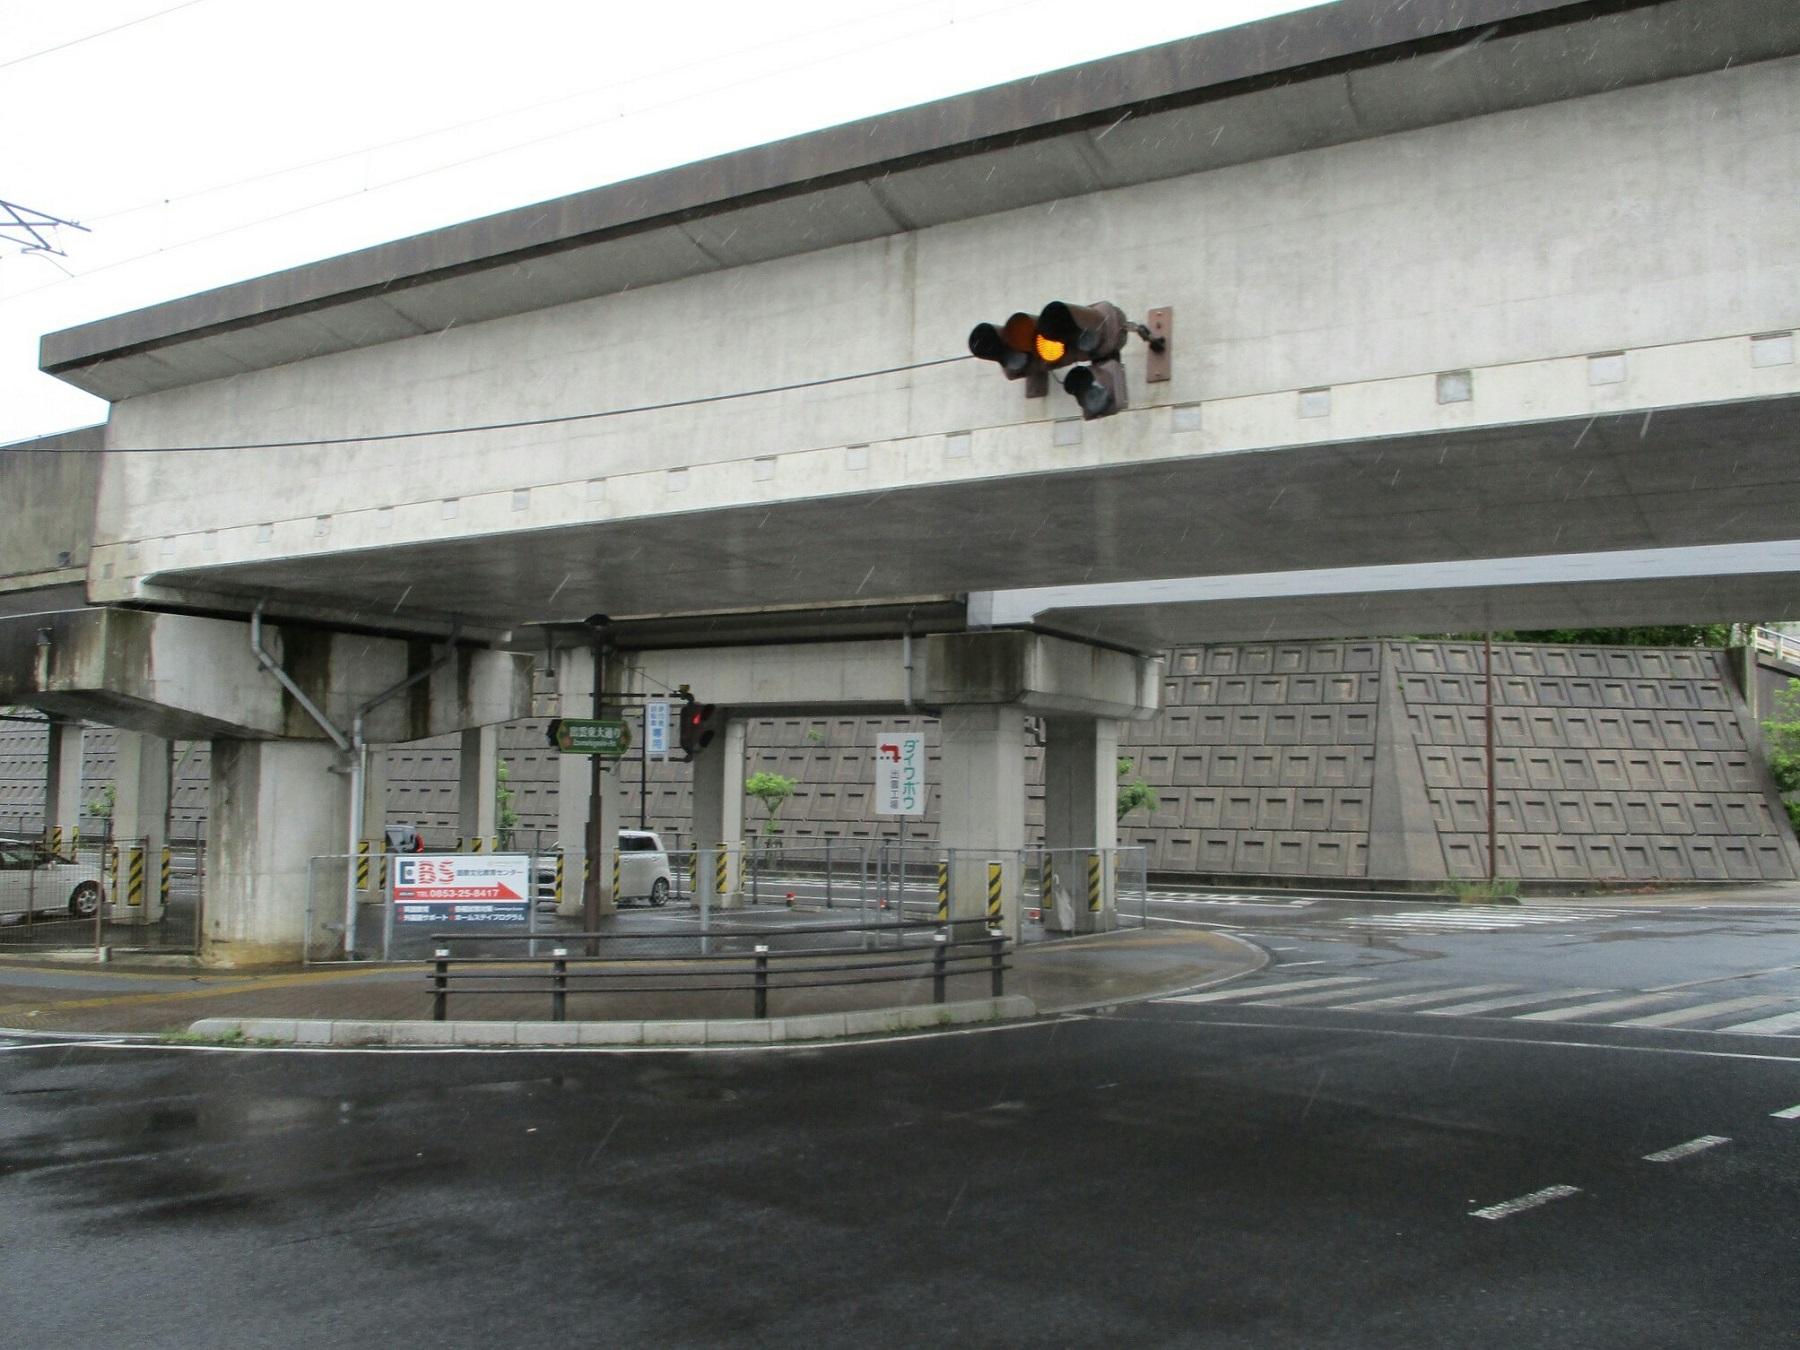 2018.7.6 (36) 出雲市駅いきバス - 北松江線 1800-1350